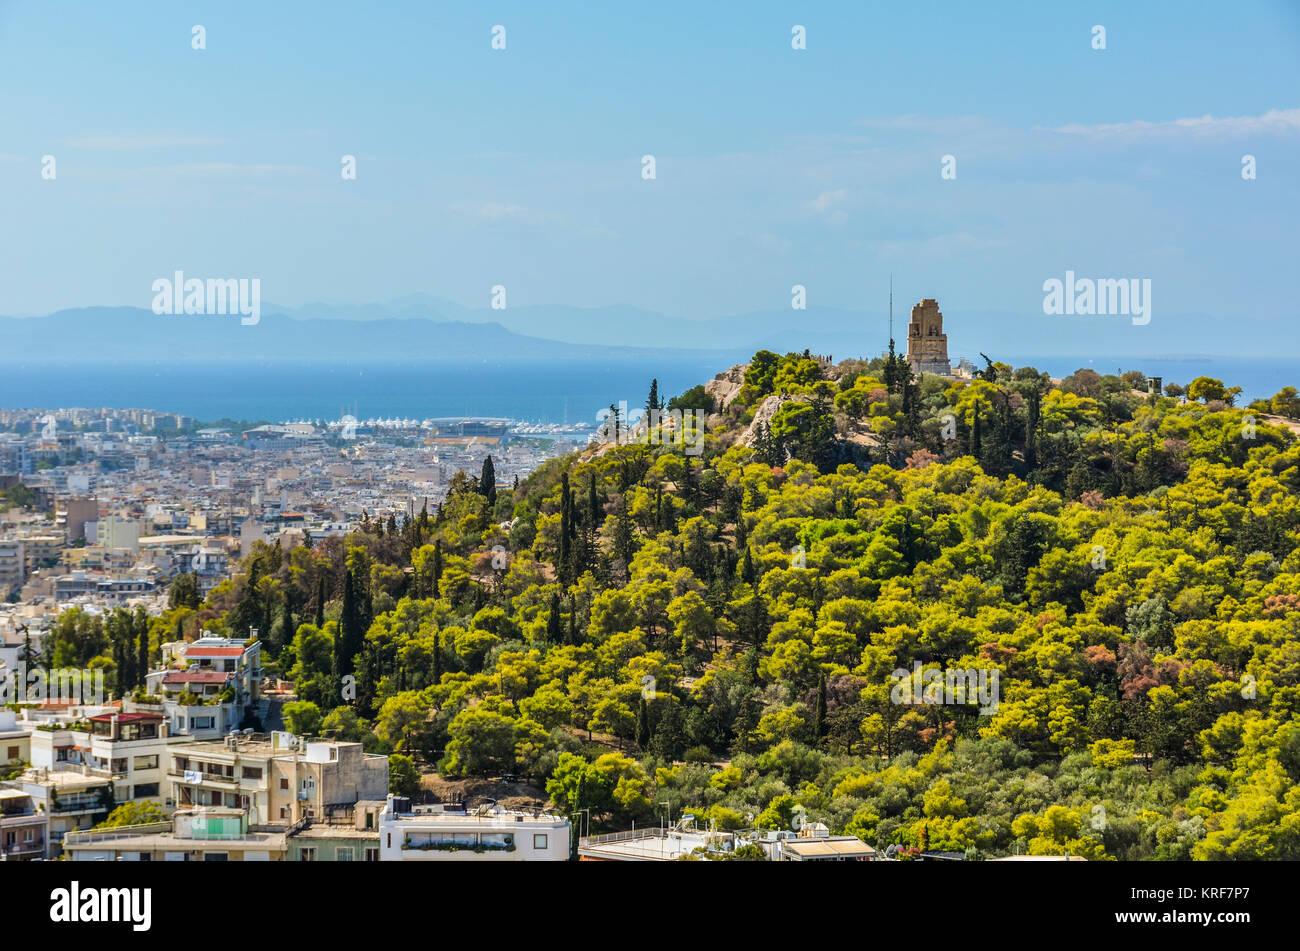 Blick auf das Denkmal Filopappos auf dem Hügel mit dem gleichen Namen die Stadt Athen und im Hintergrund erhalten Stockbild